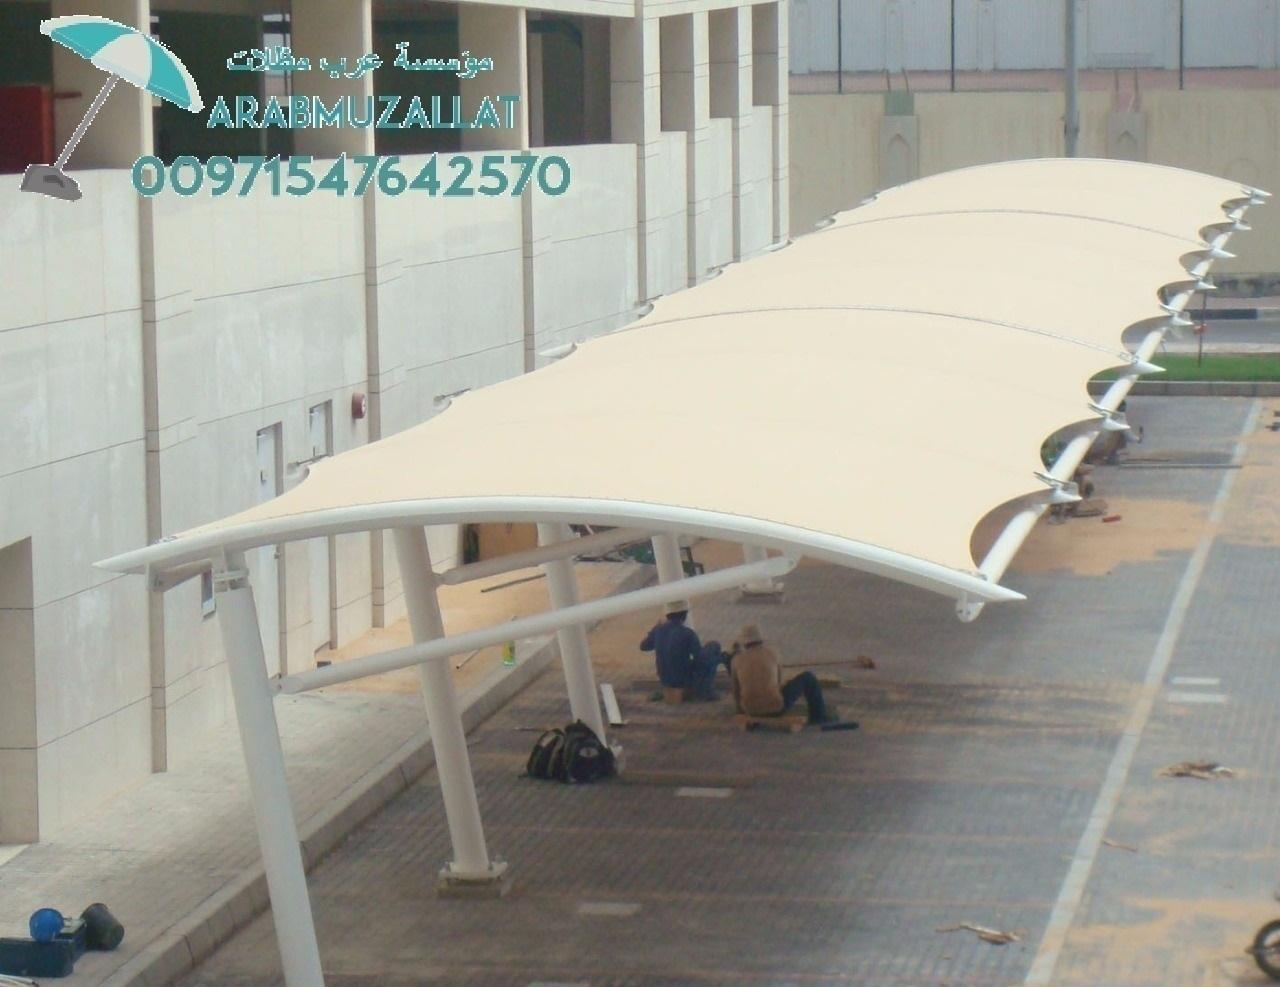 مظلات سيارات للبيع في دبي 00971547642570 295826629